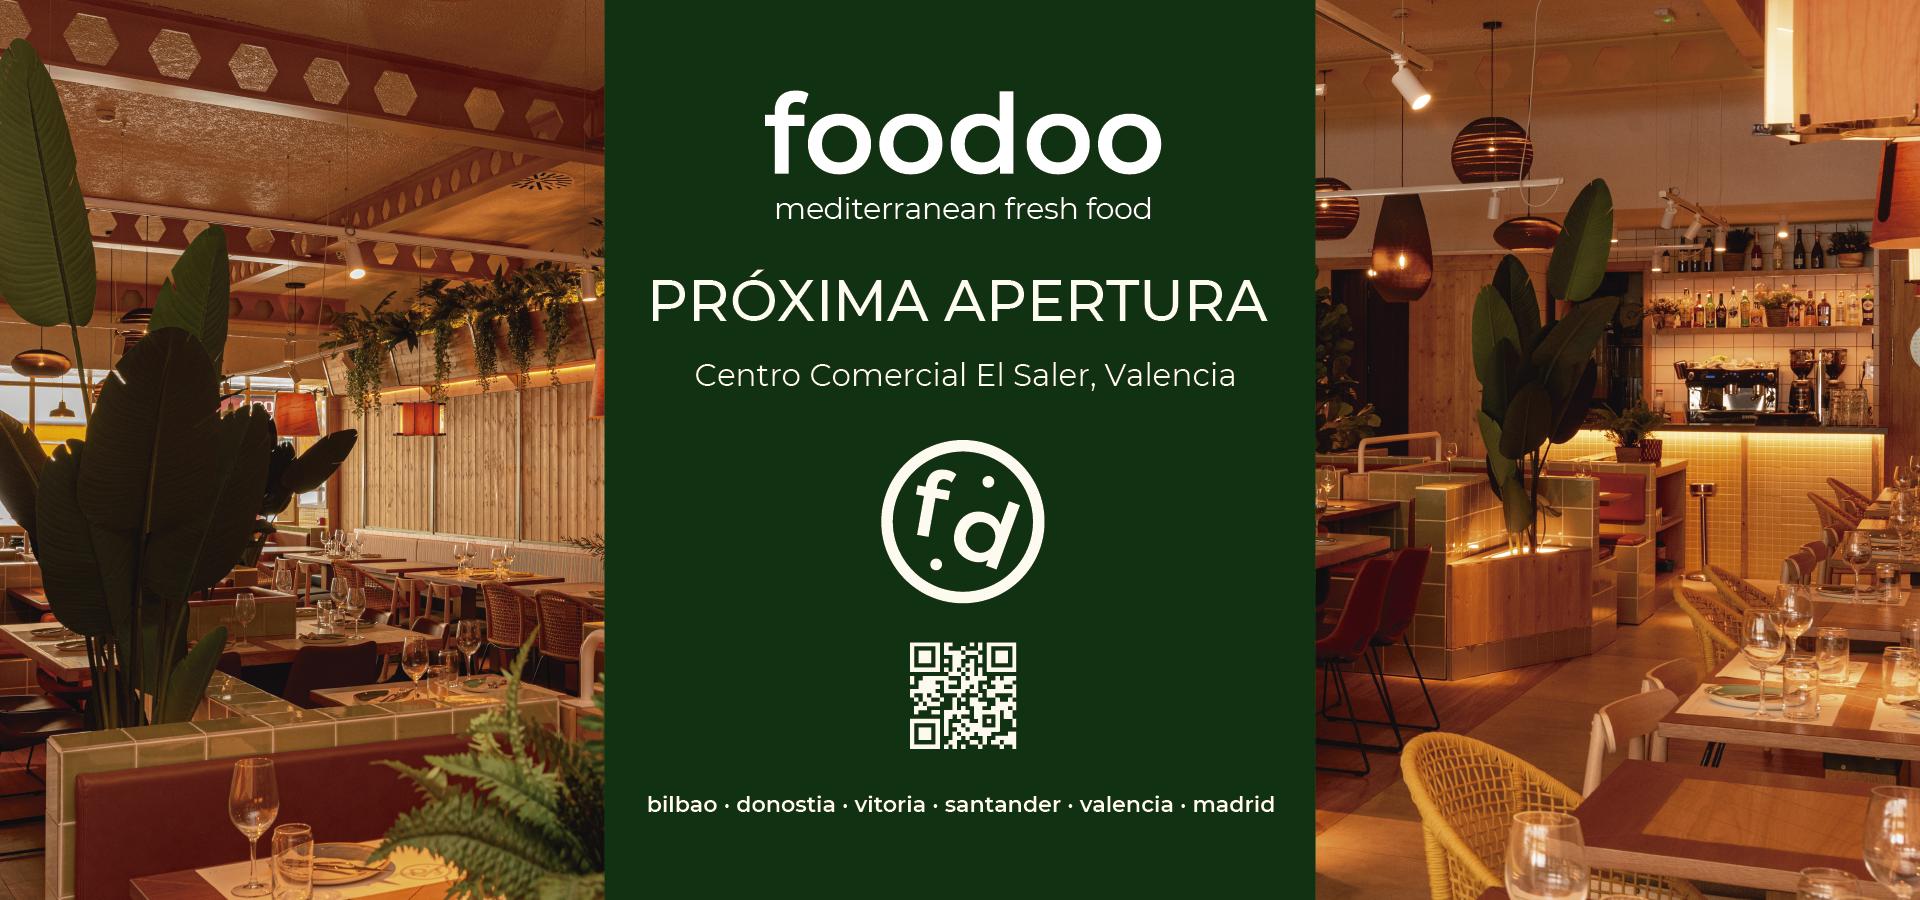 Restaurante Foodoo El Saler